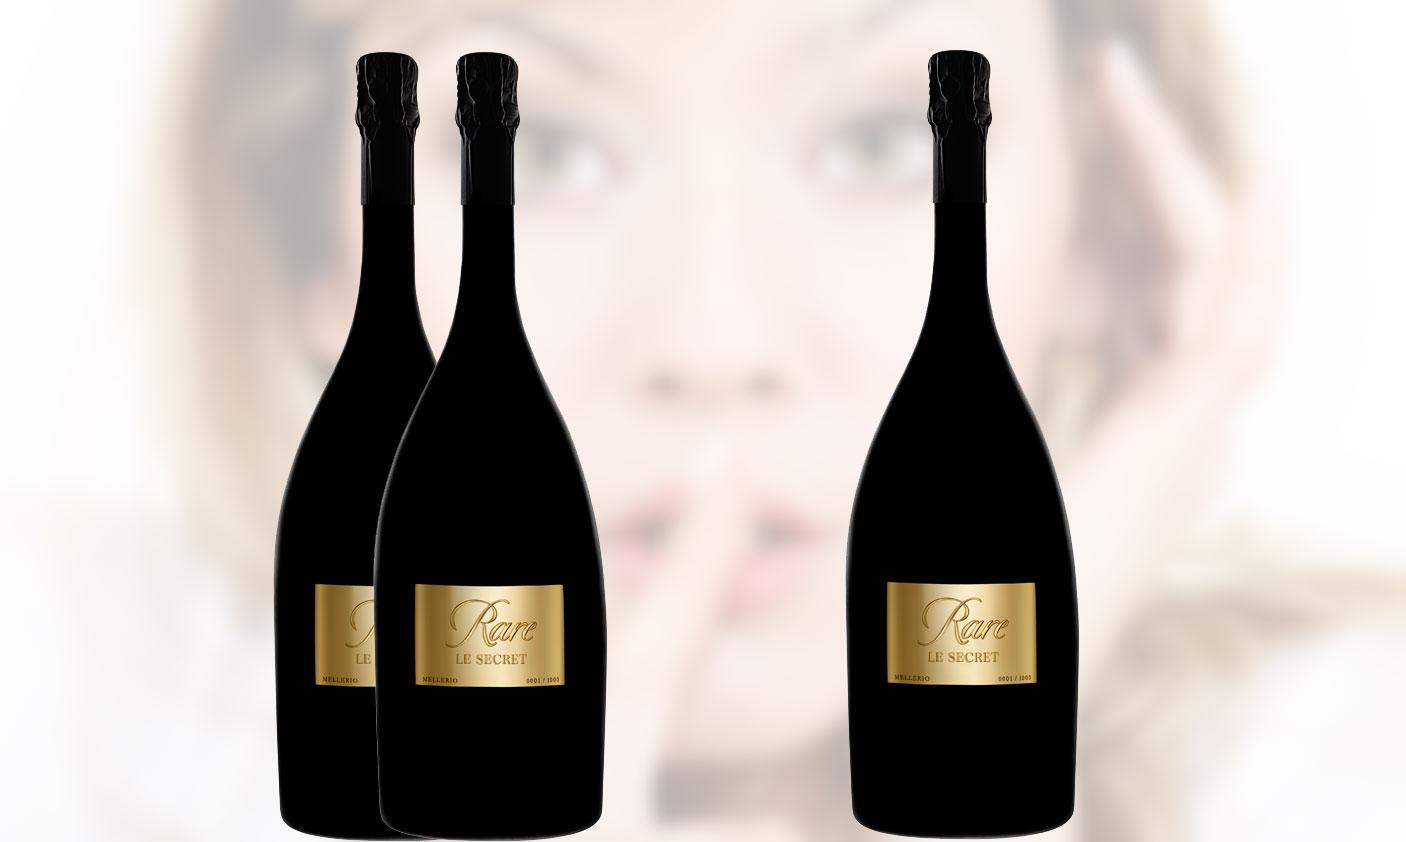 Rare Le Secret Goldsmith Champagne